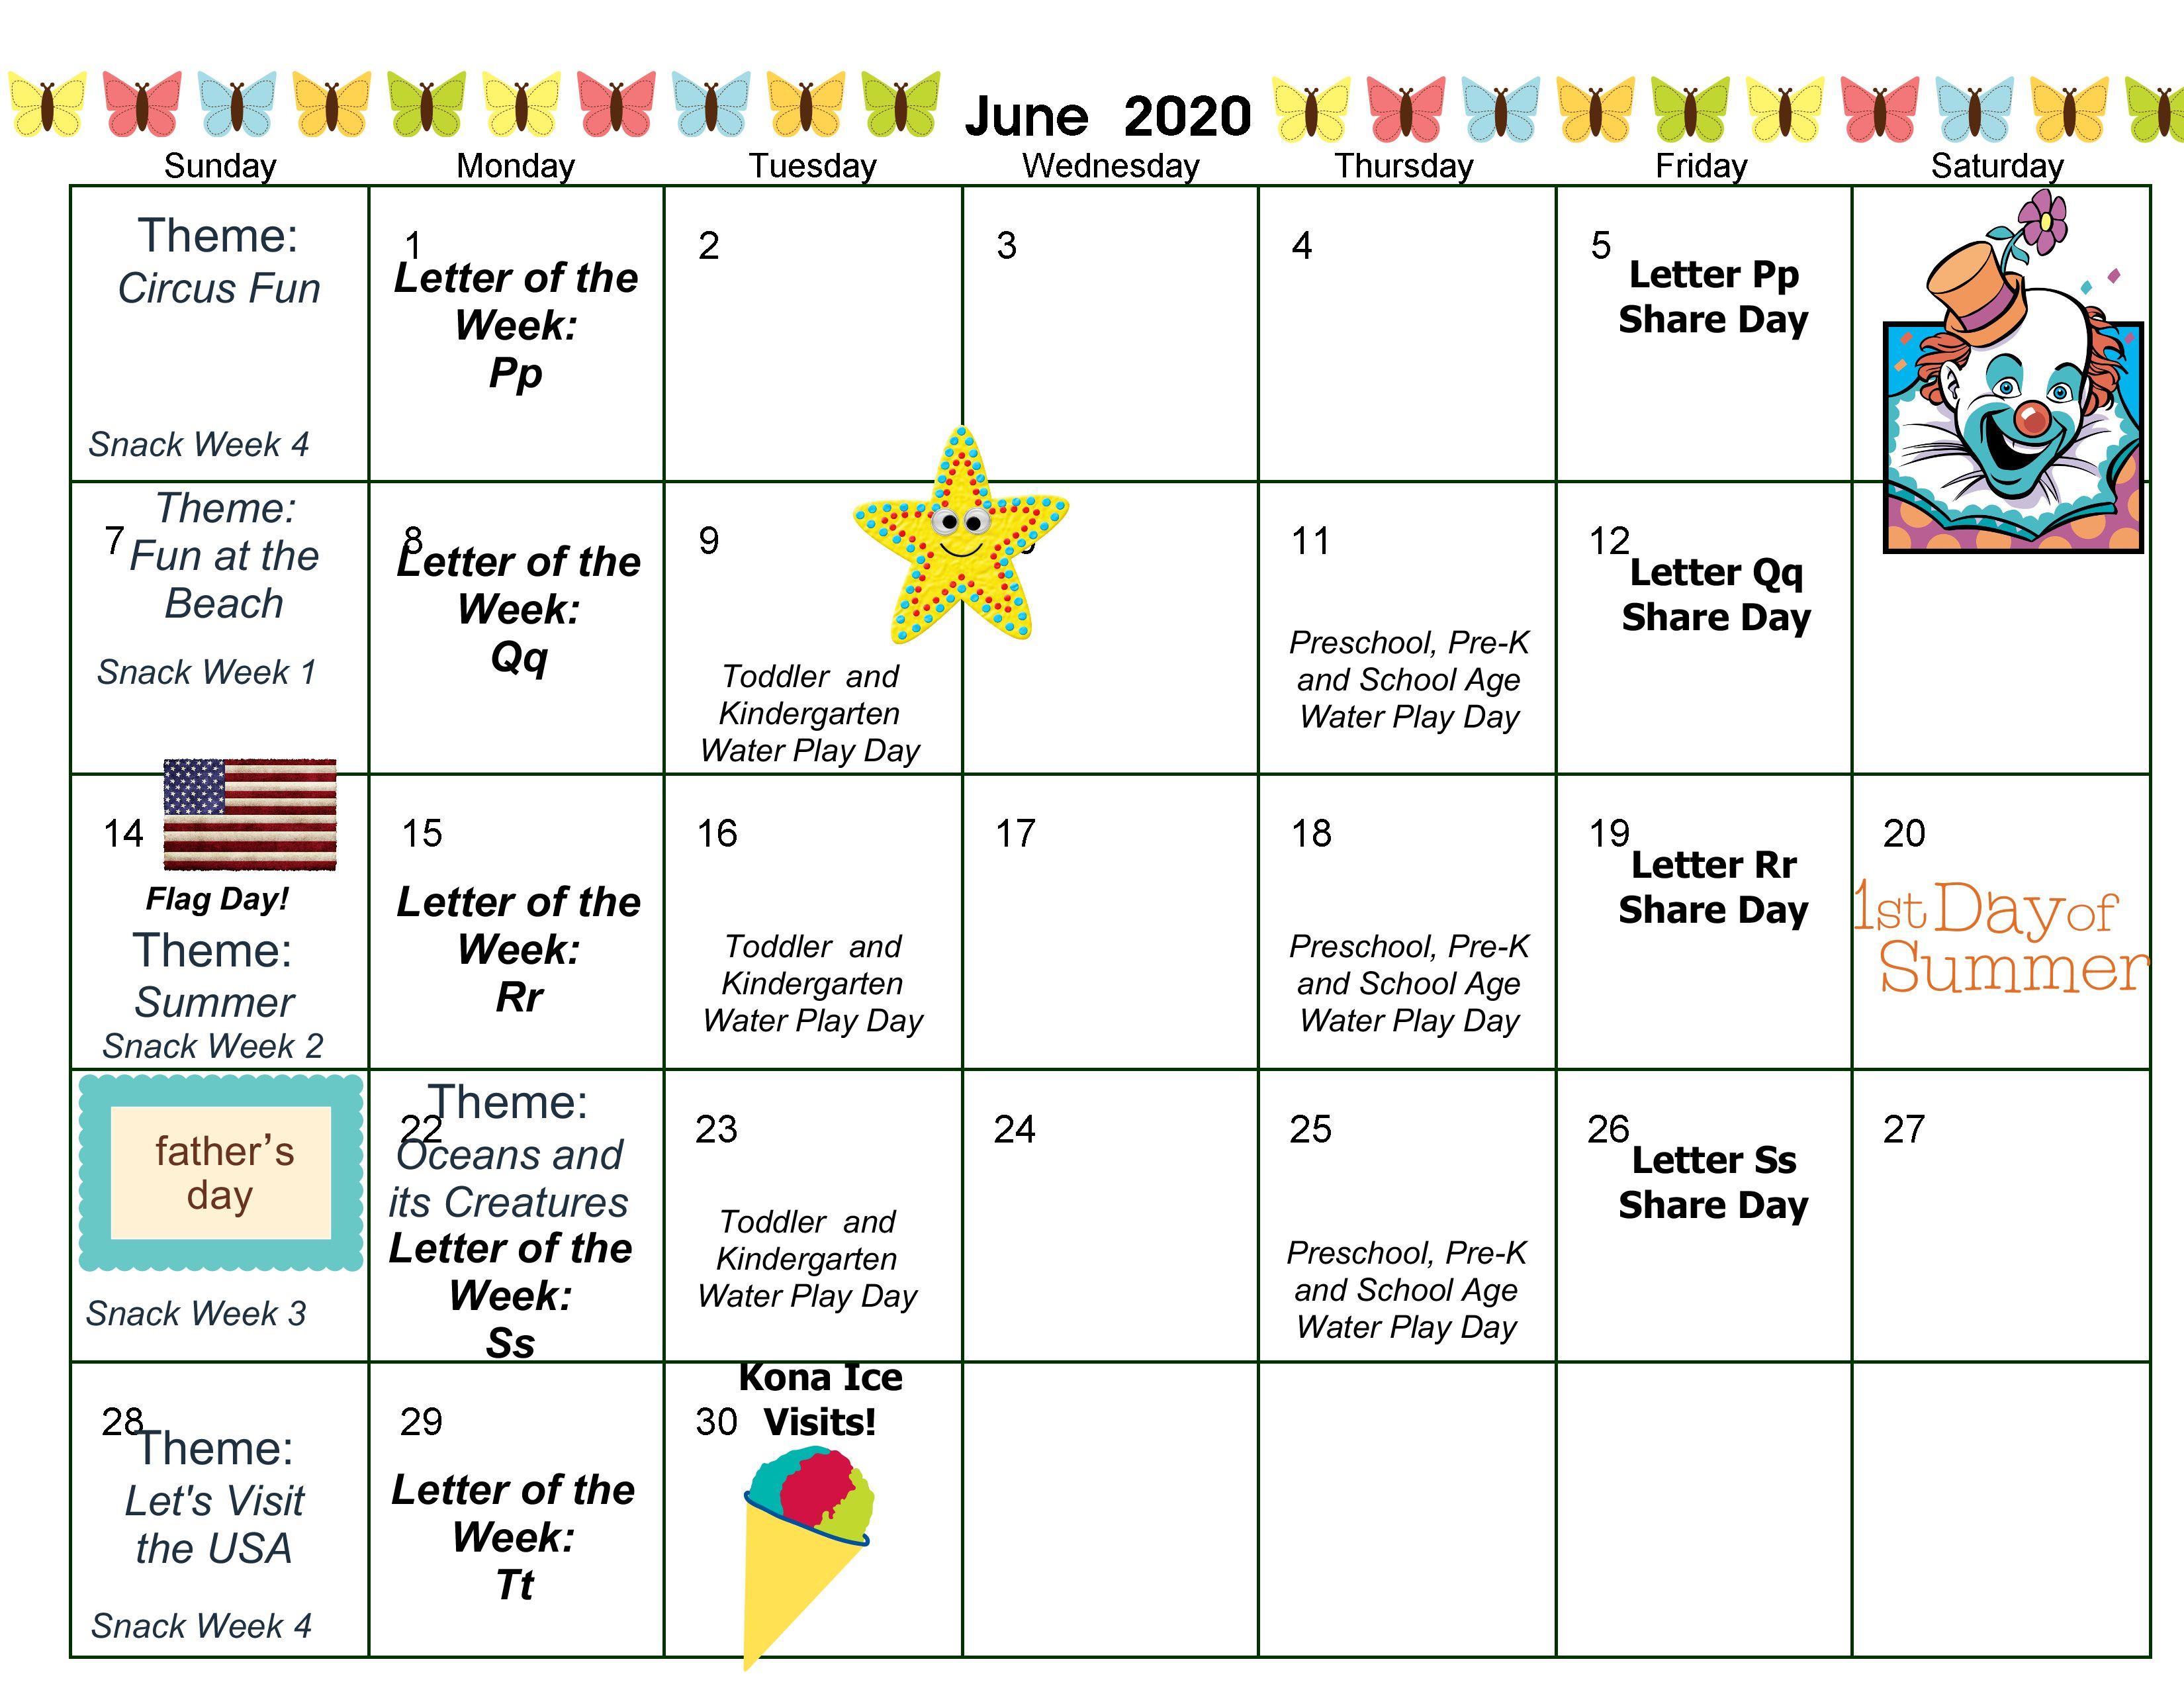 2020-6 BH June Calendar-001.jpg